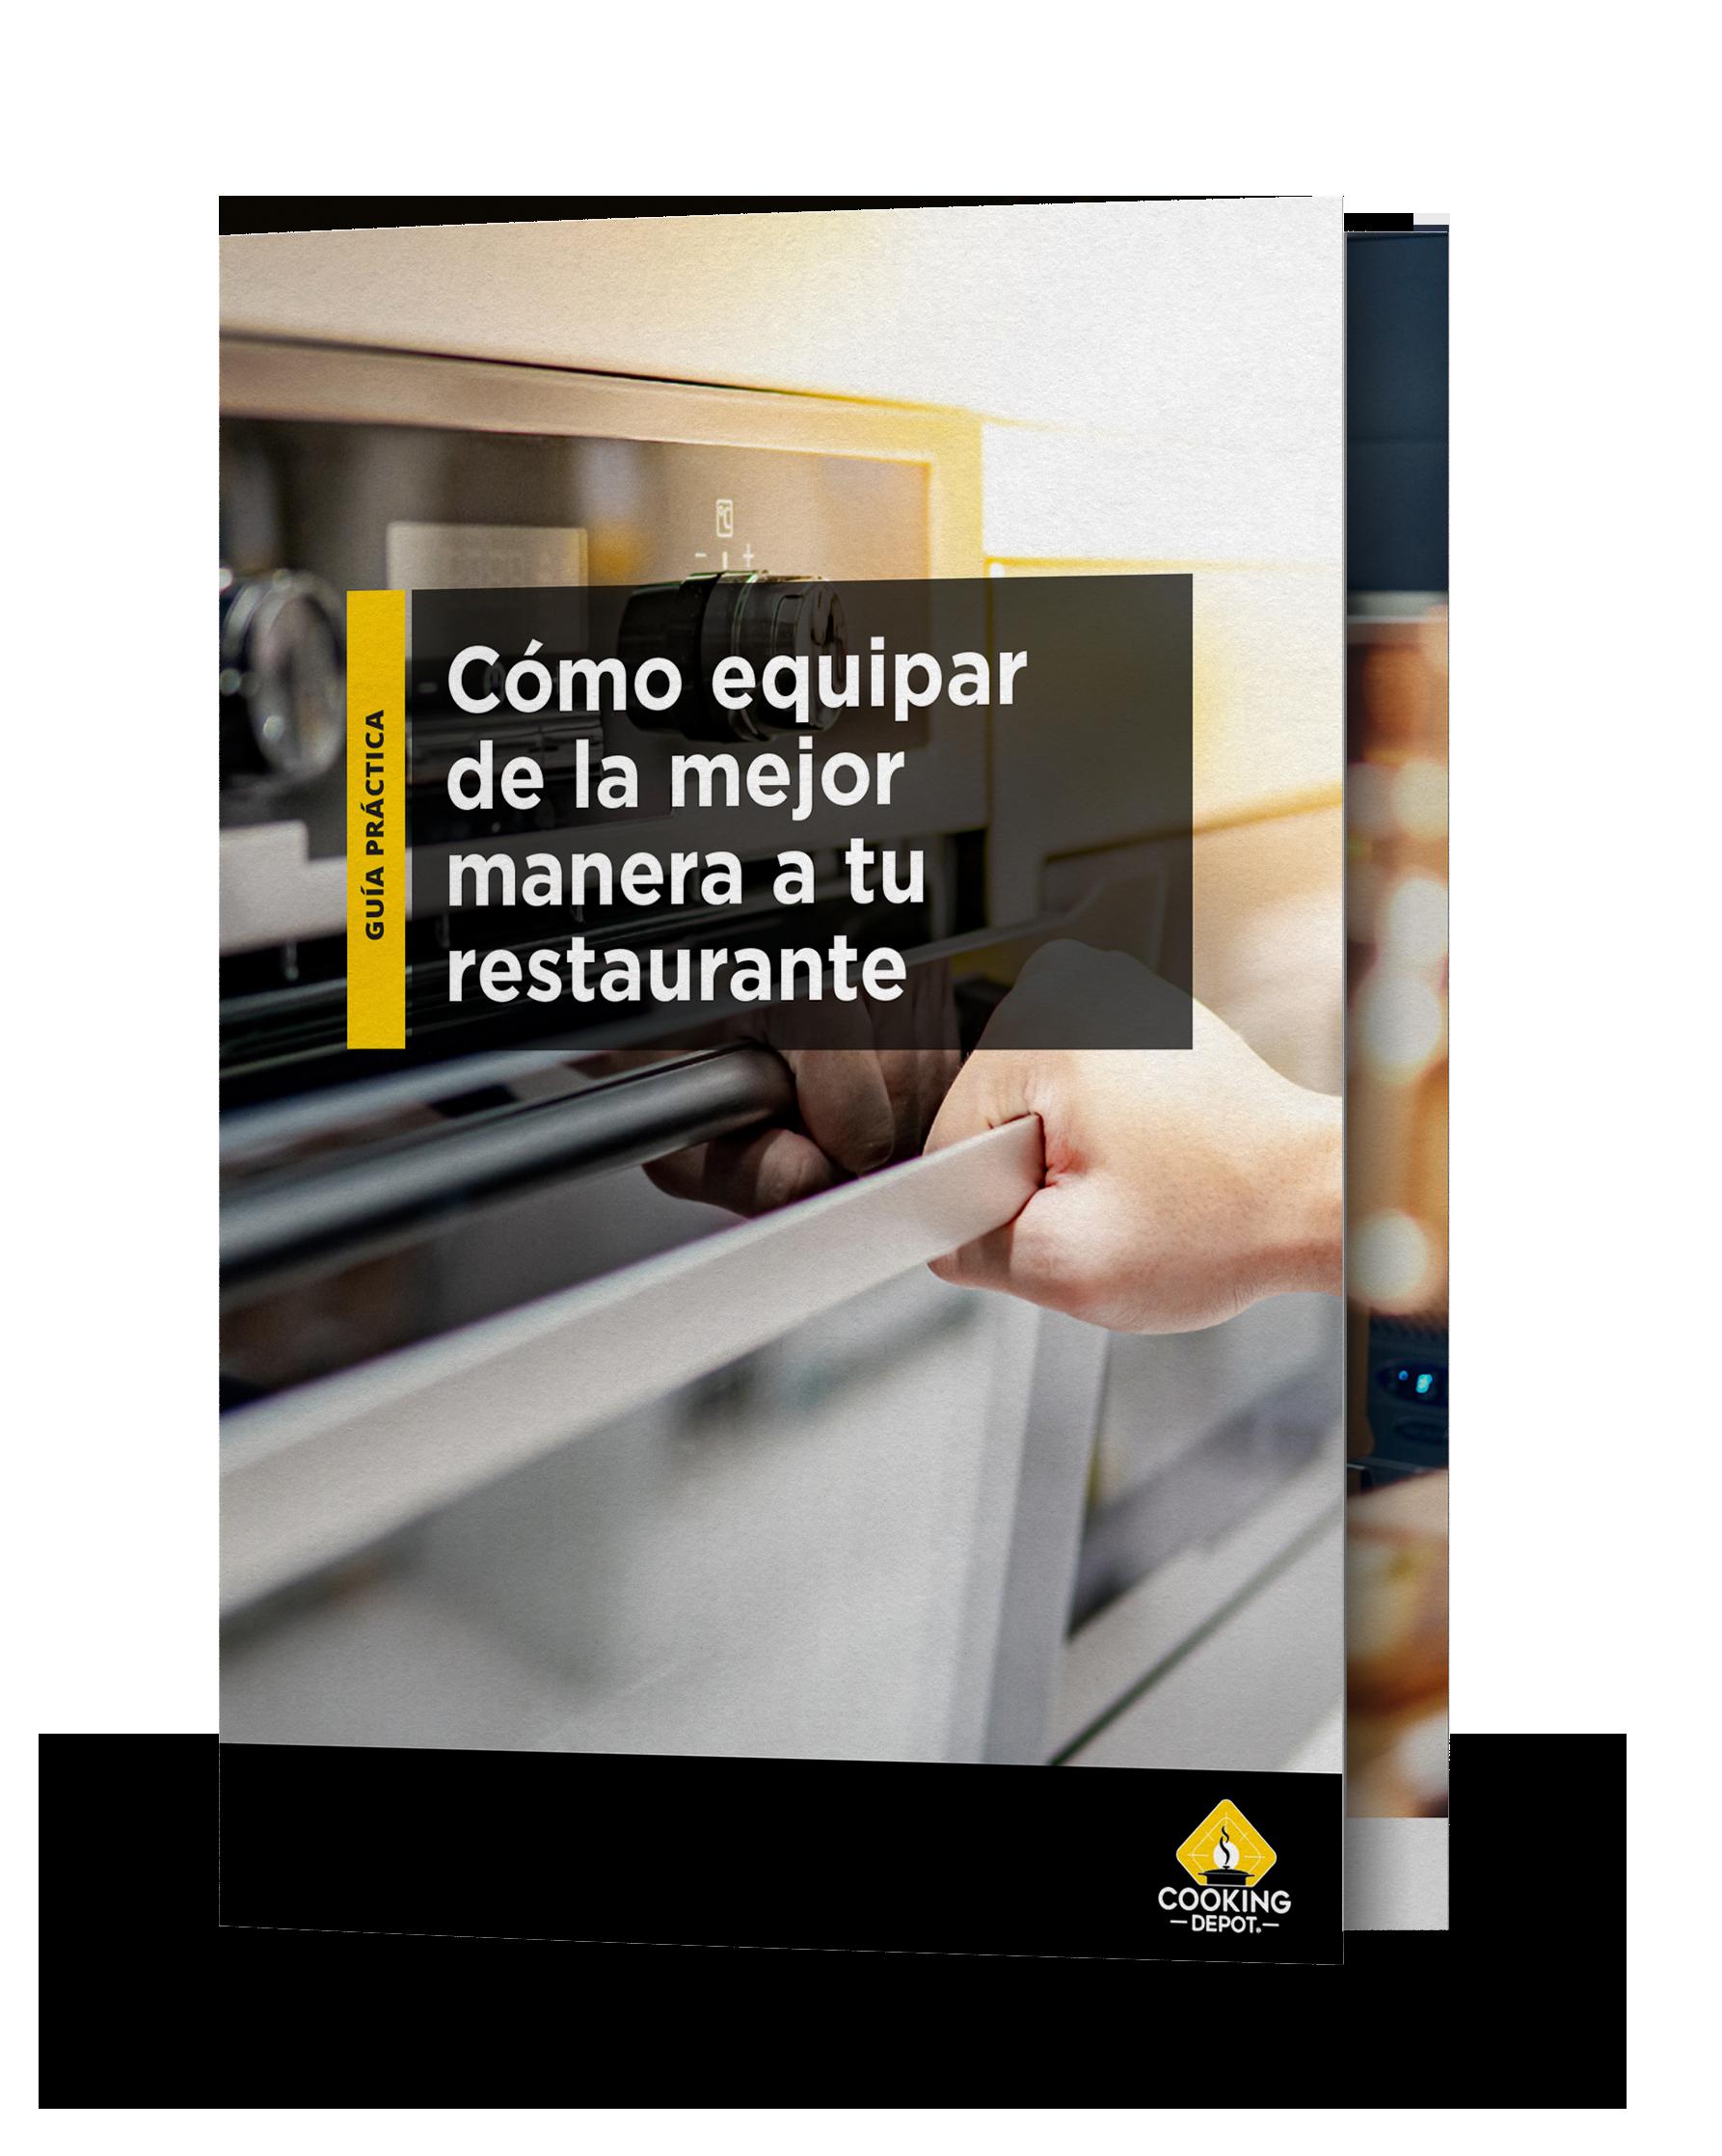 CD-S24-eBook-Cómo equipar de la mejor manera a tu restaurante-Mockup